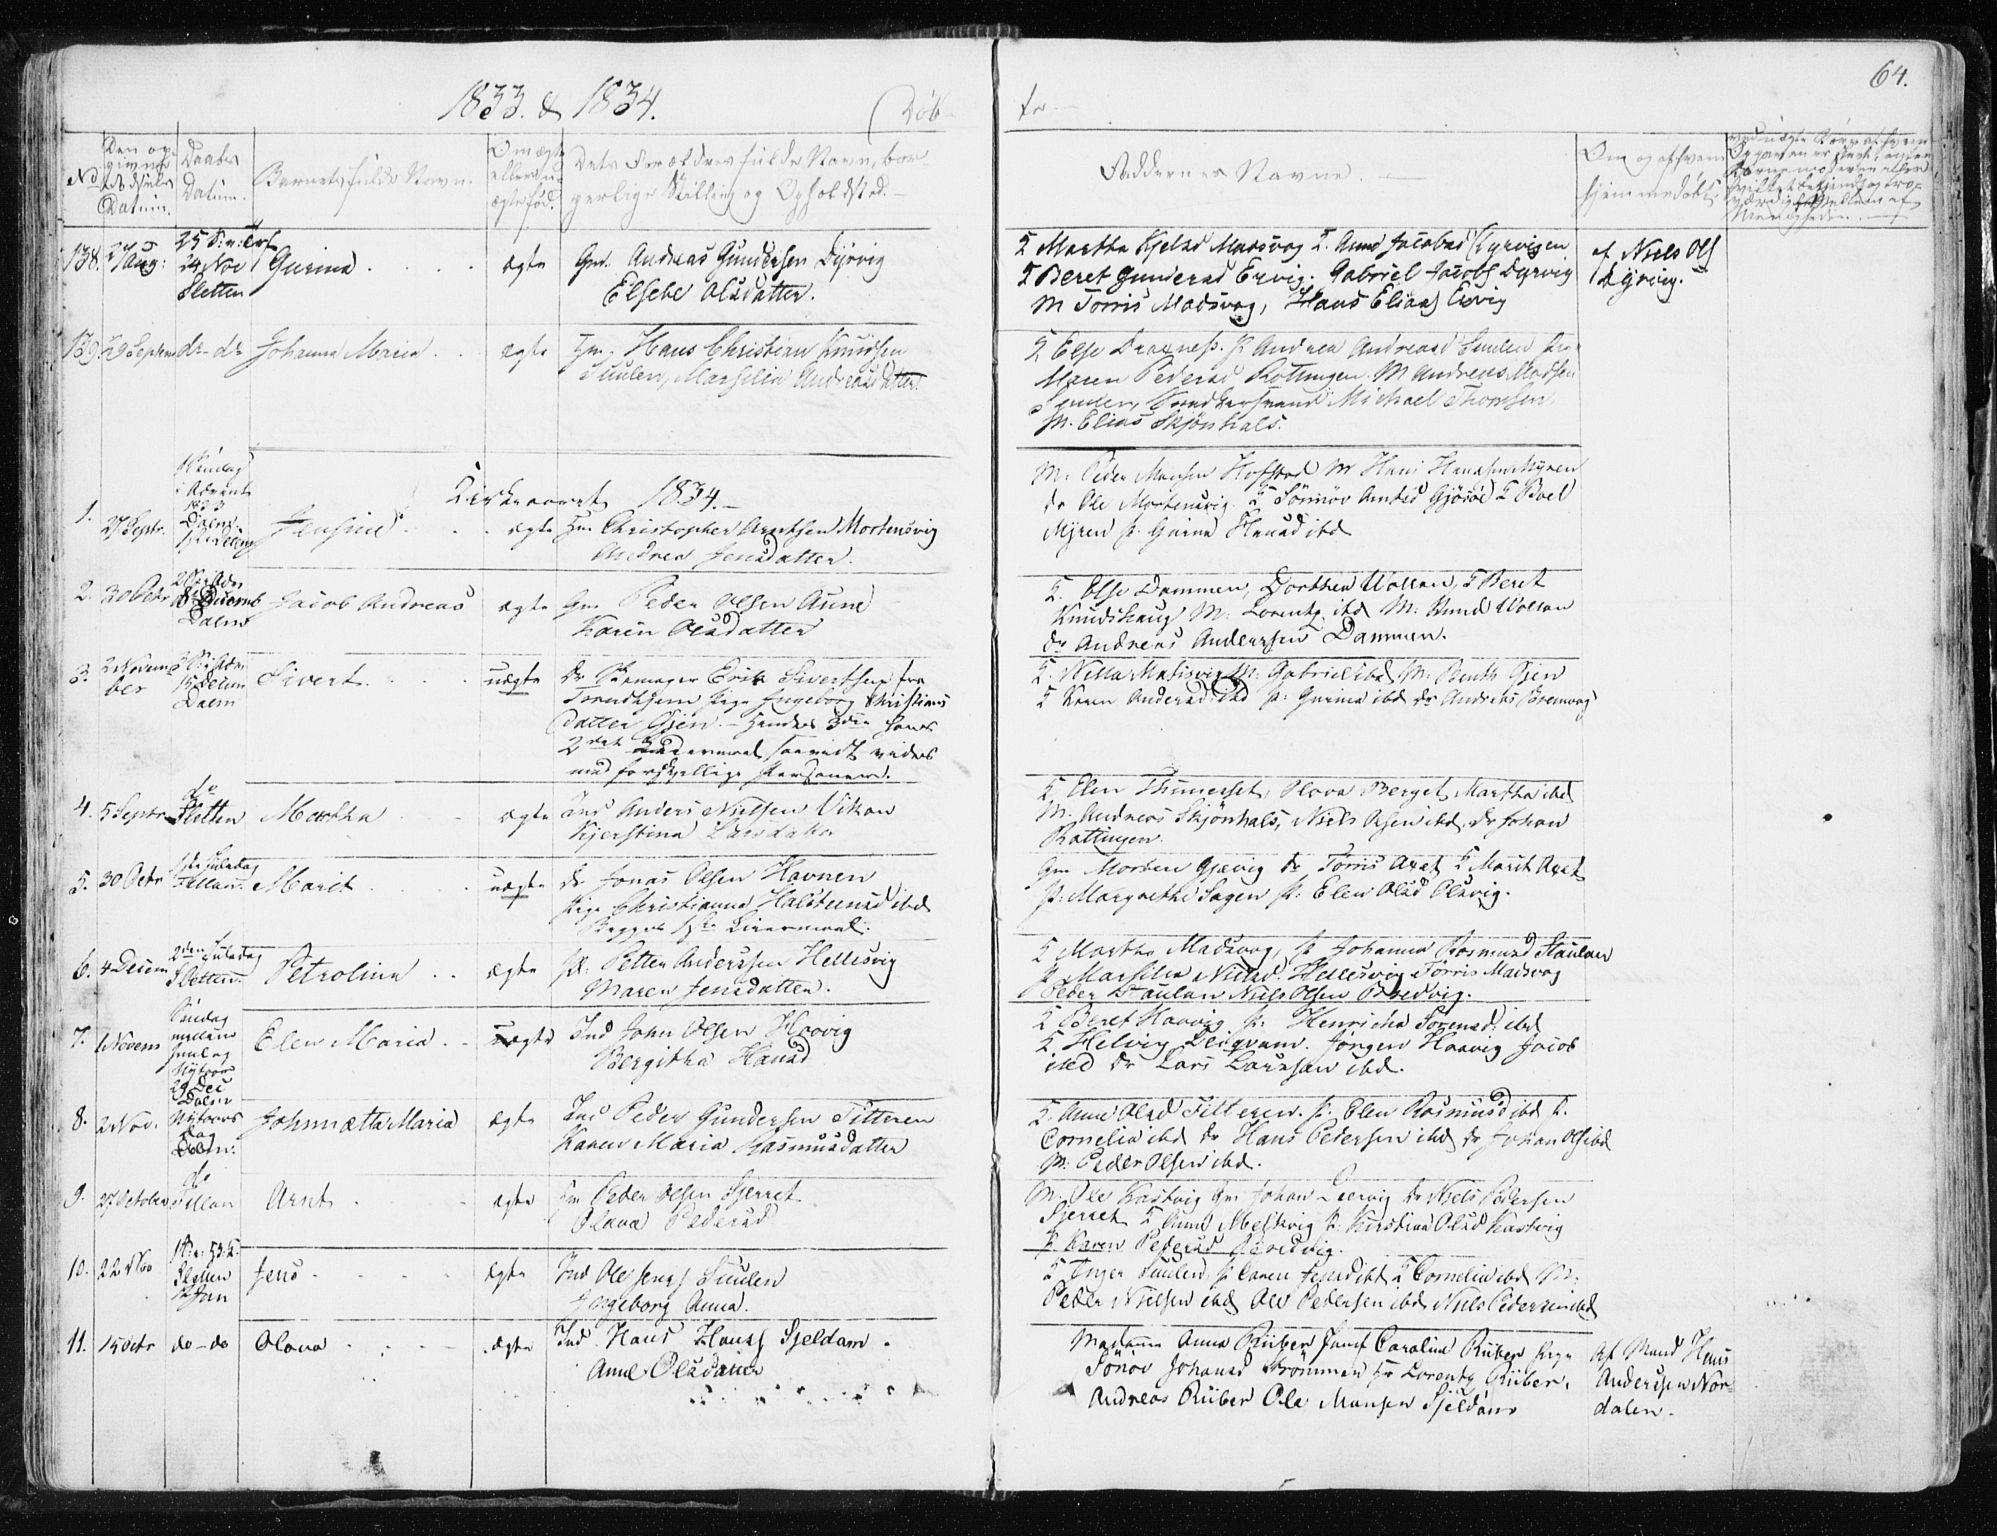 SAT, Ministerialprotokoller, klokkerbøker og fødselsregistre - Sør-Trøndelag, 634/L0528: Ministerialbok nr. 634A04, 1827-1842, s. 64